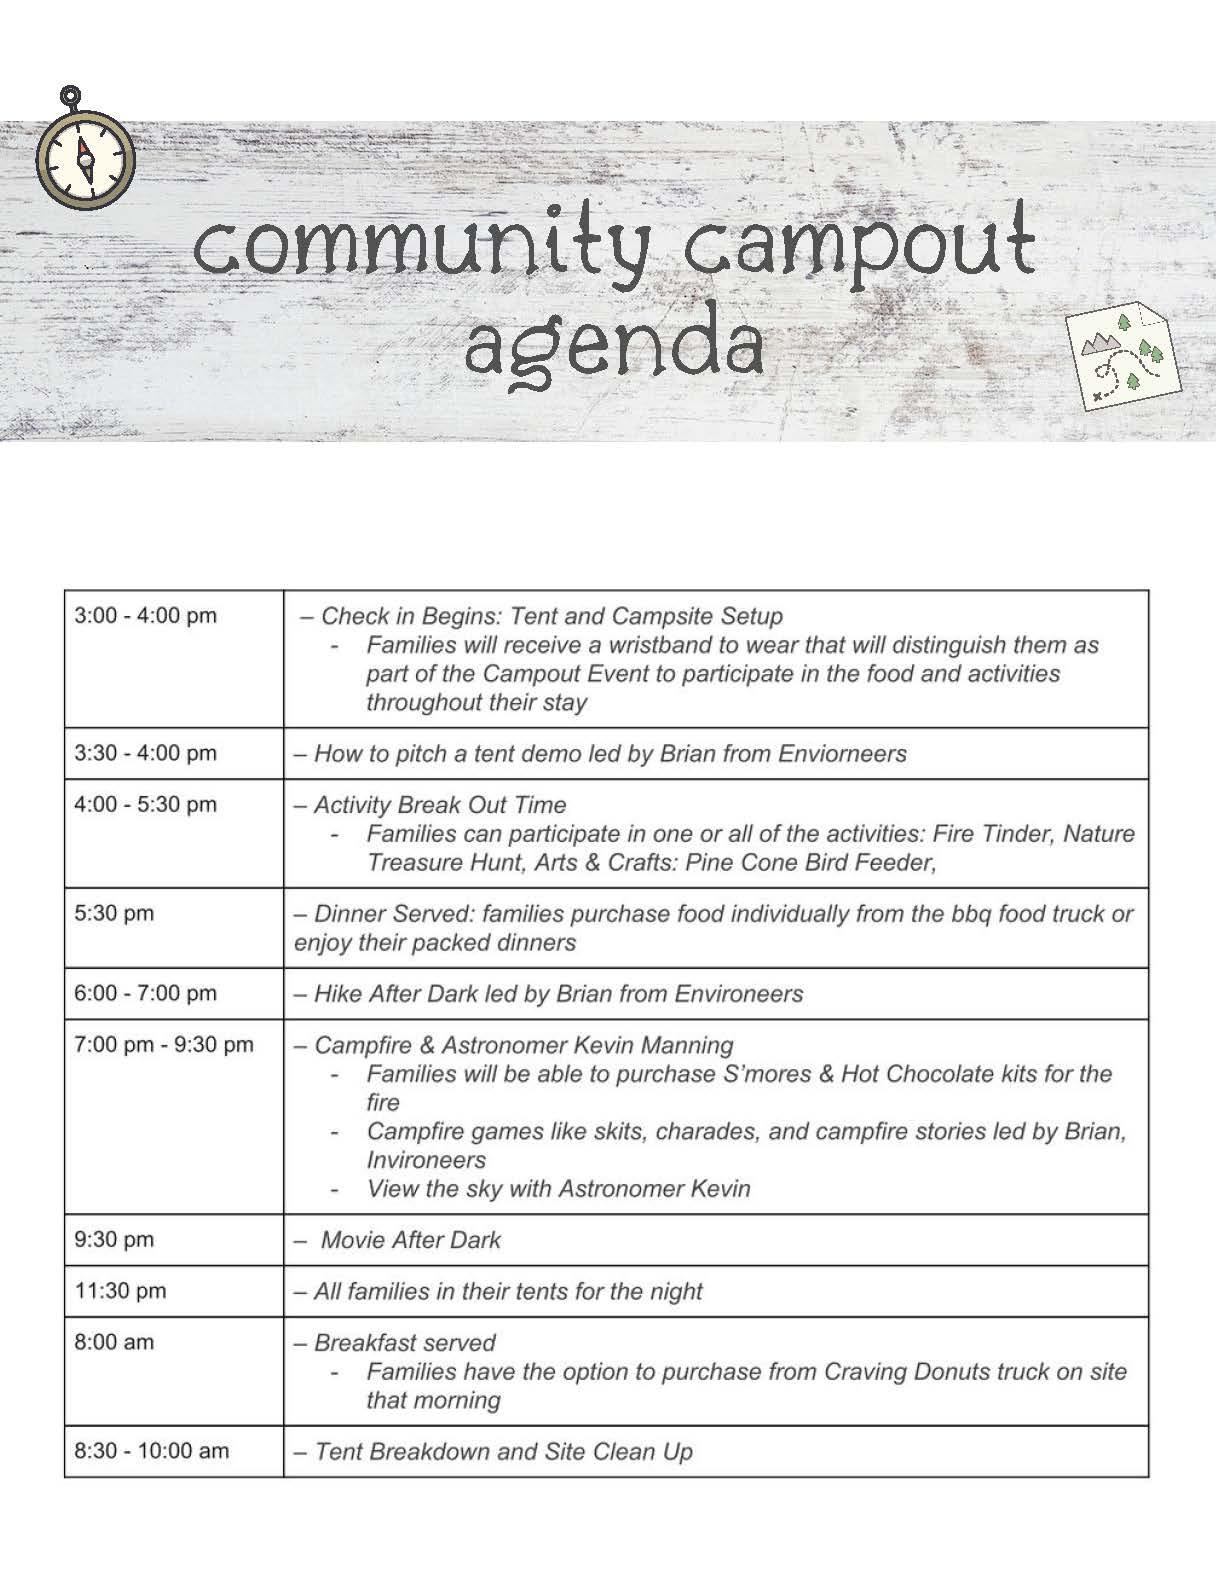 Campout Agenda